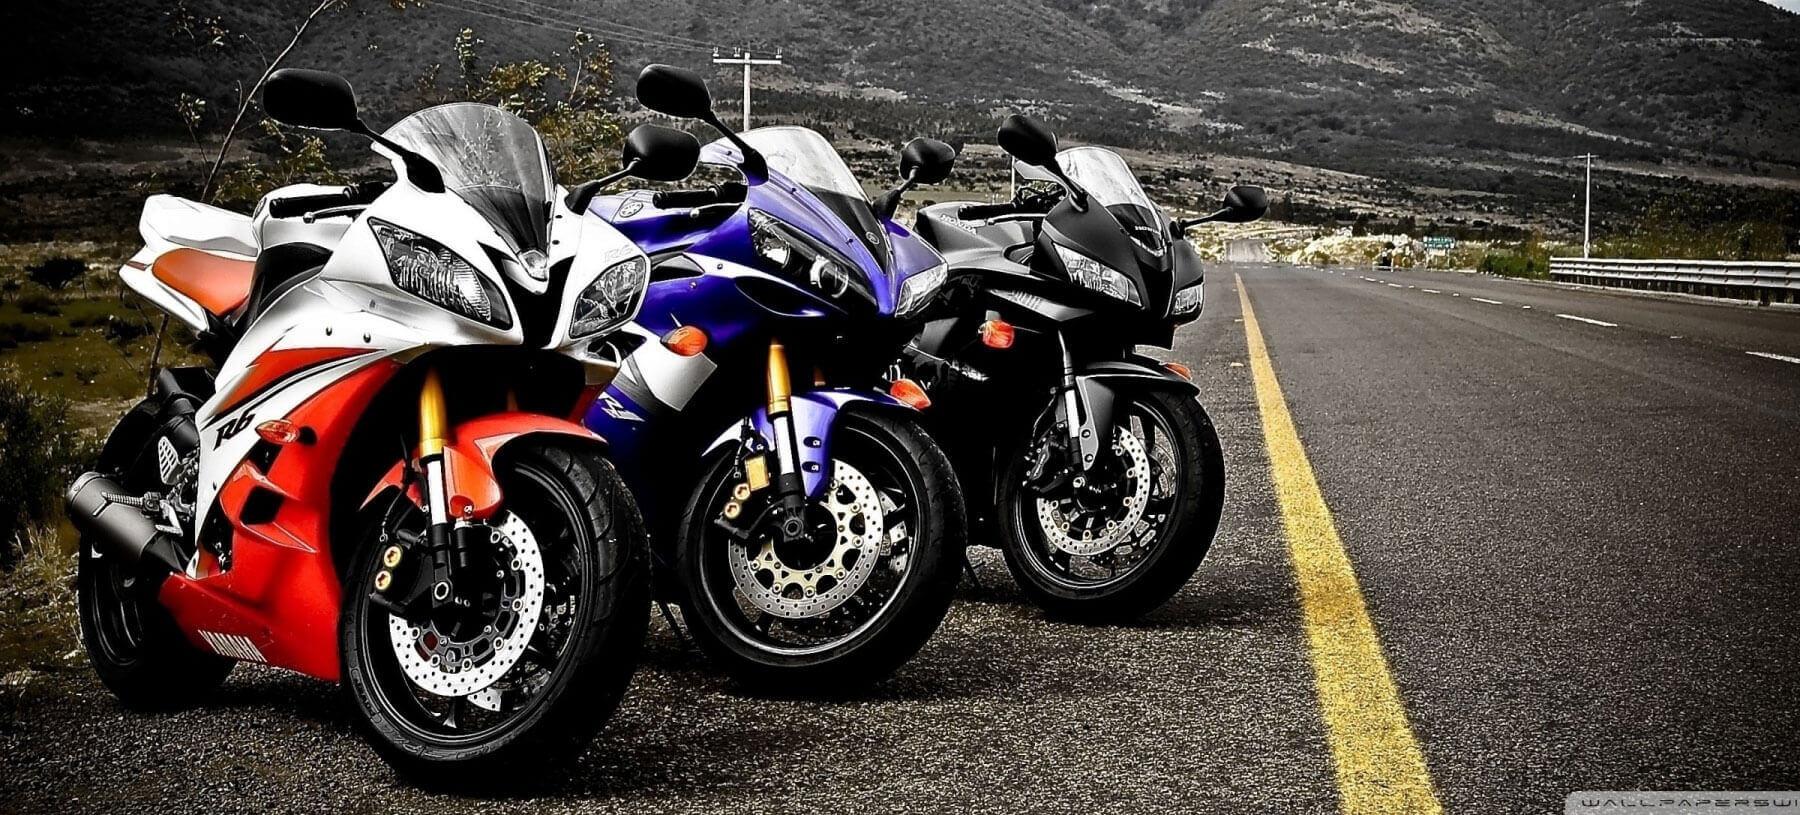 ¿Buscas una moto?